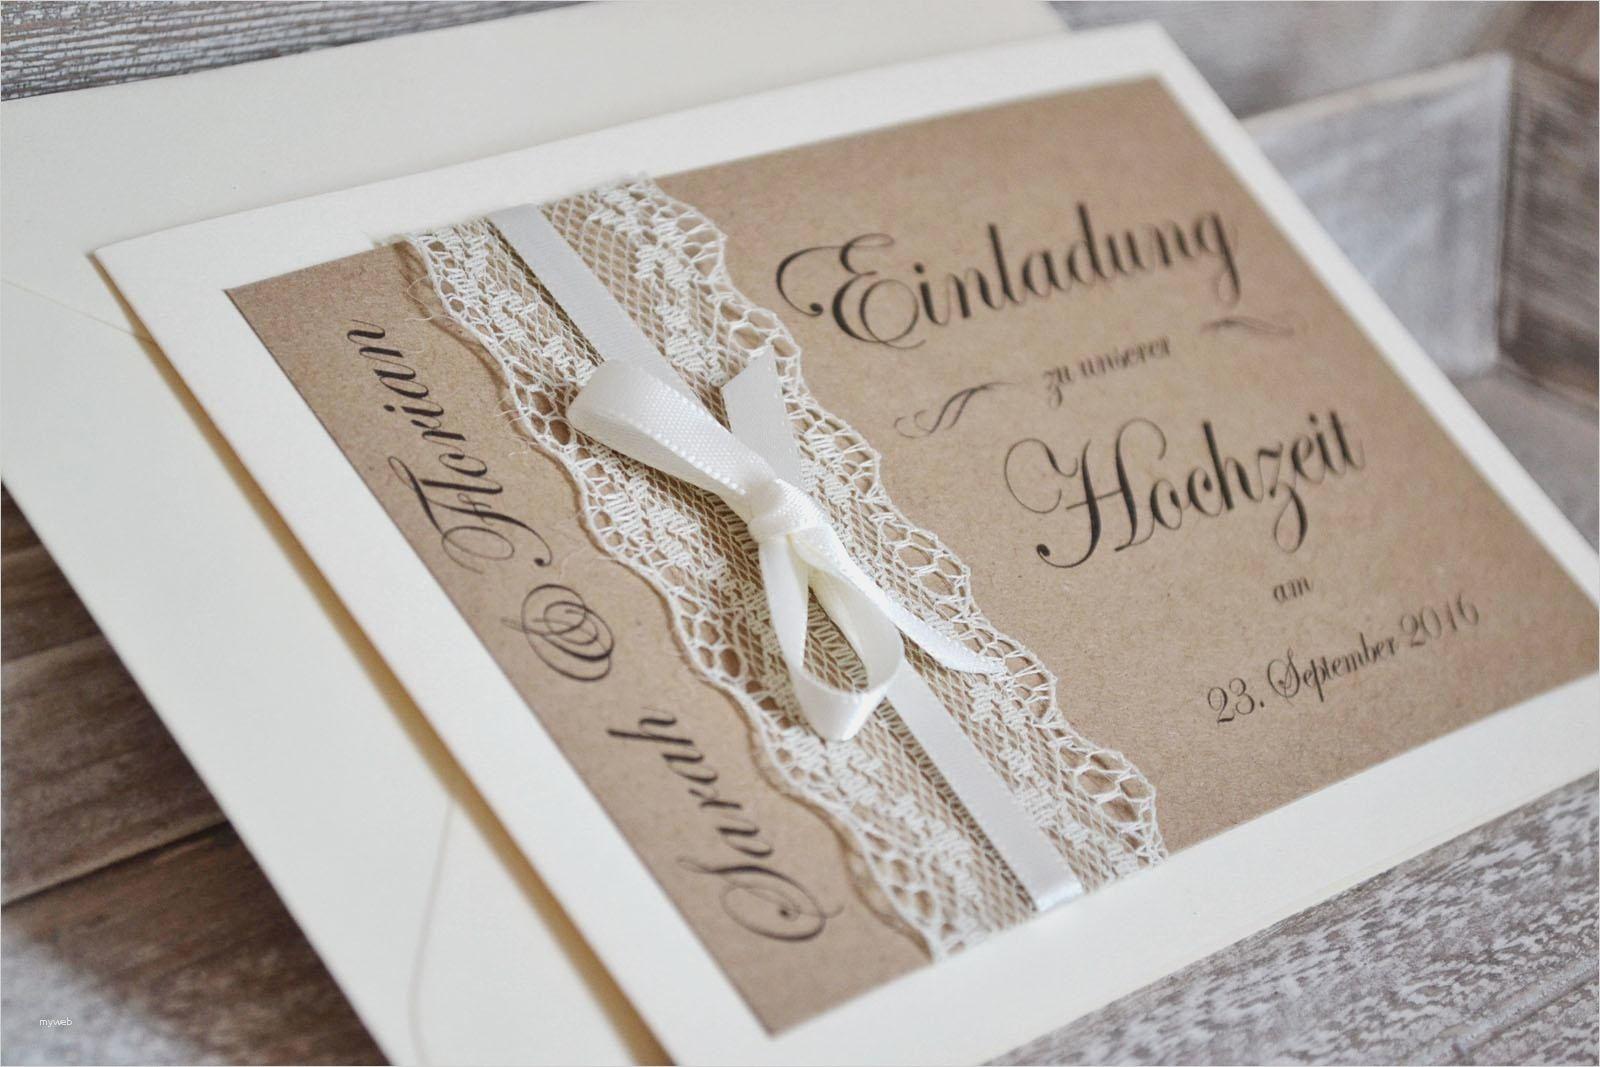 Hochzeitseinladungen Selber Machen Vorlagen Kostenlos Erstaunlich Mit Einladungen Hochzeit Einladung Goldene Hochzeit Karte Hochzeit Einladungskarten Hochzeit